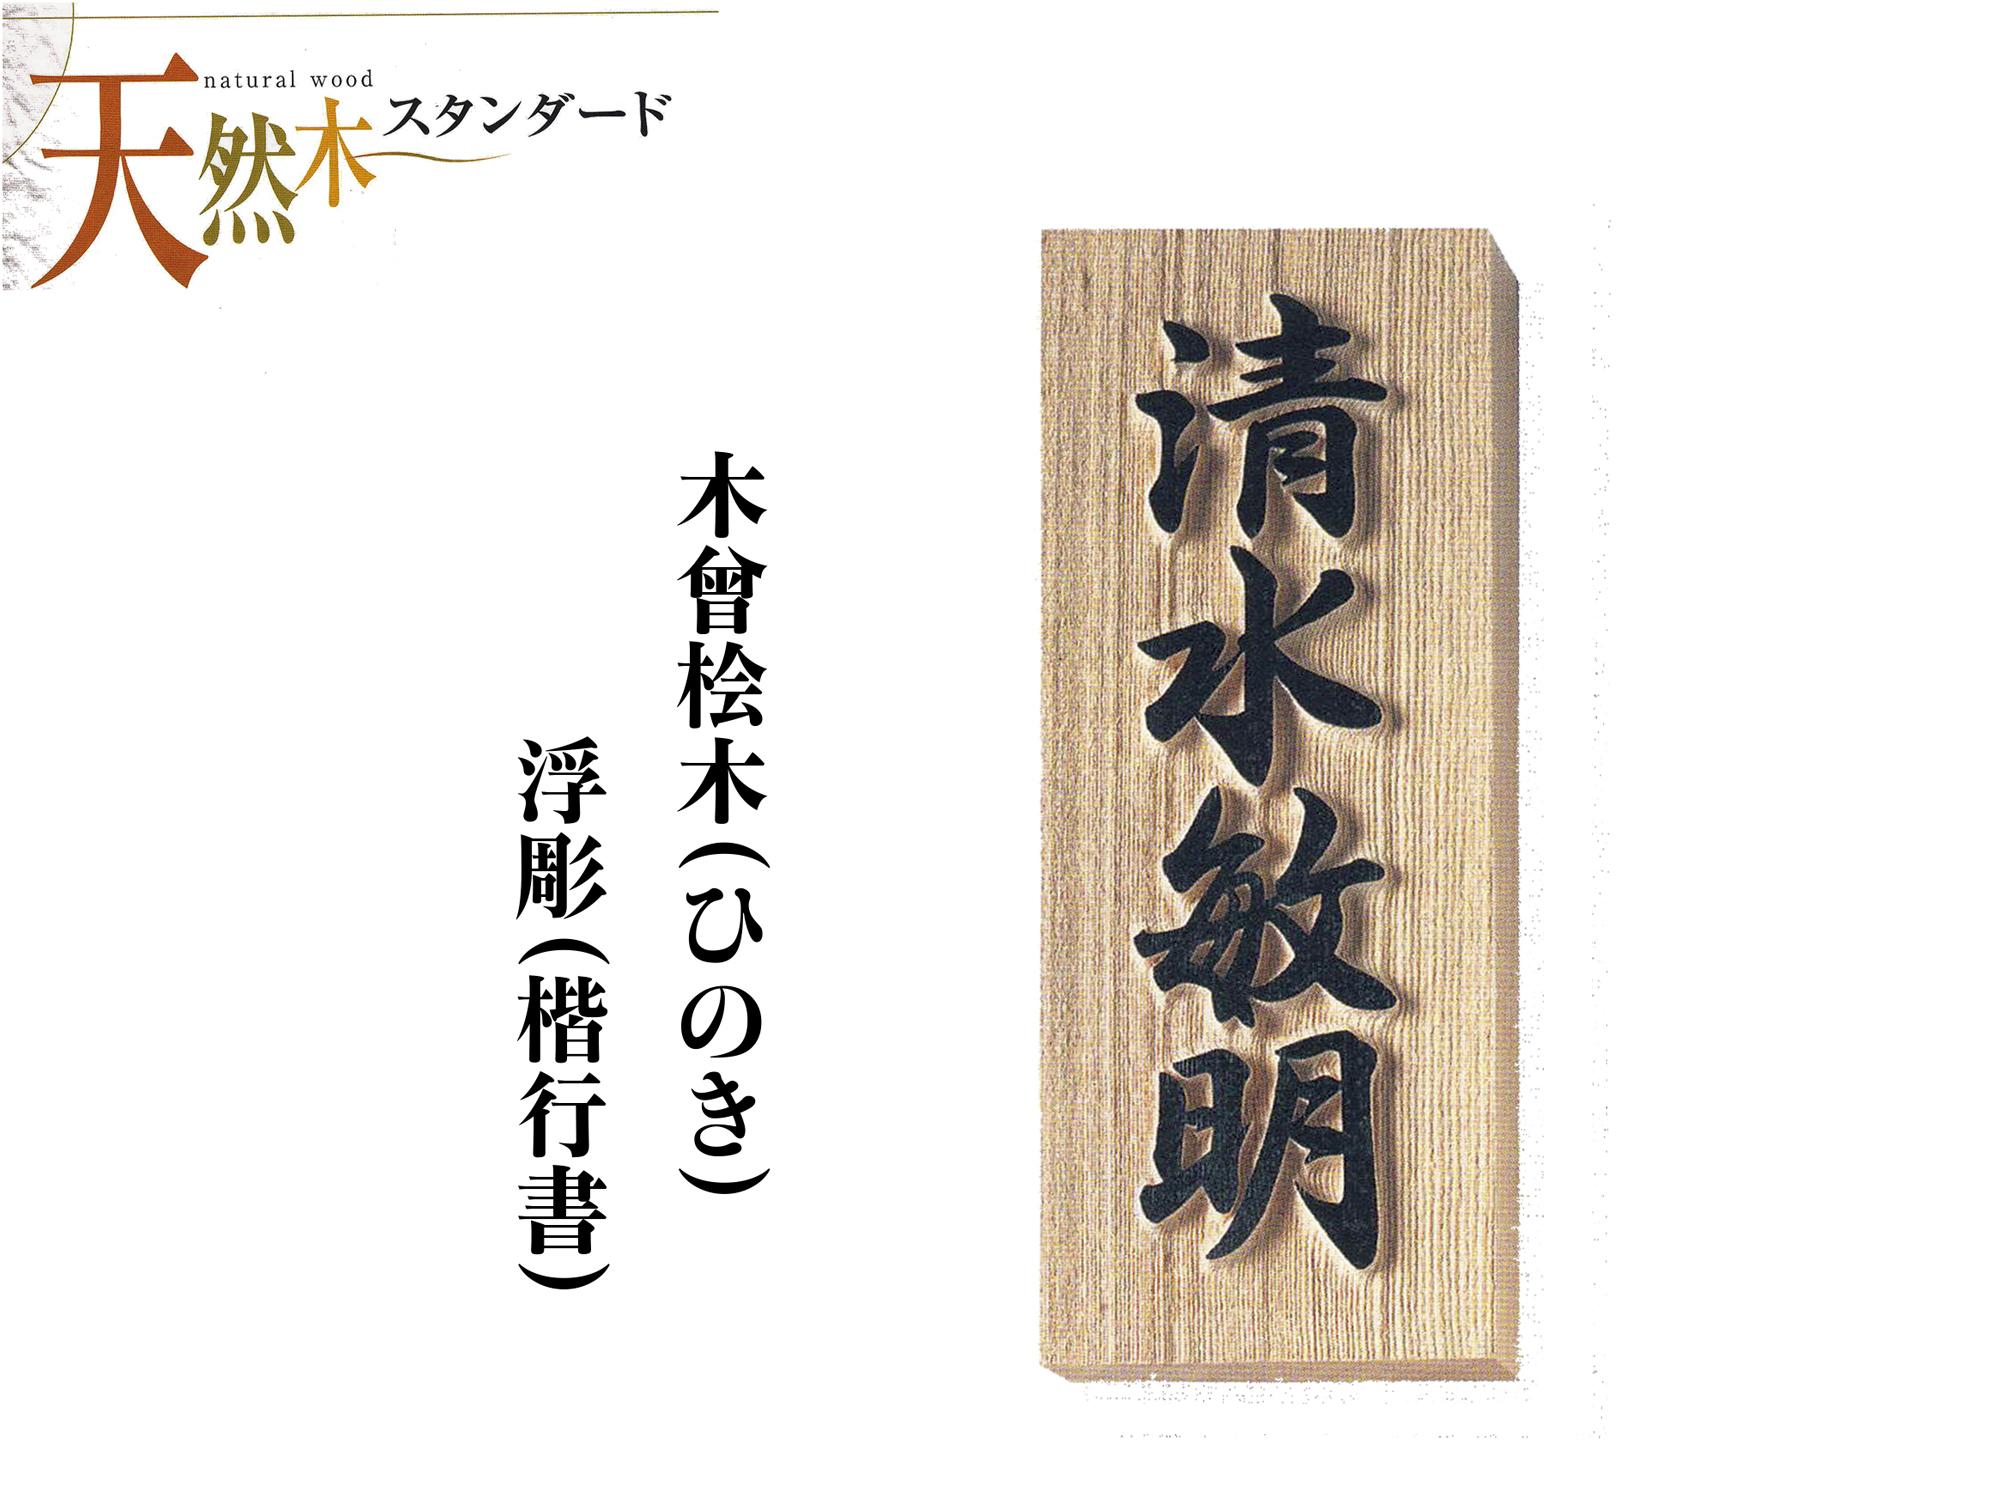 送料無料 木製 表札の定番 スタンダードからデザイン物まで 表札 船底彫り 桧 安全 檜 浮き彫り おすすめ ひのき